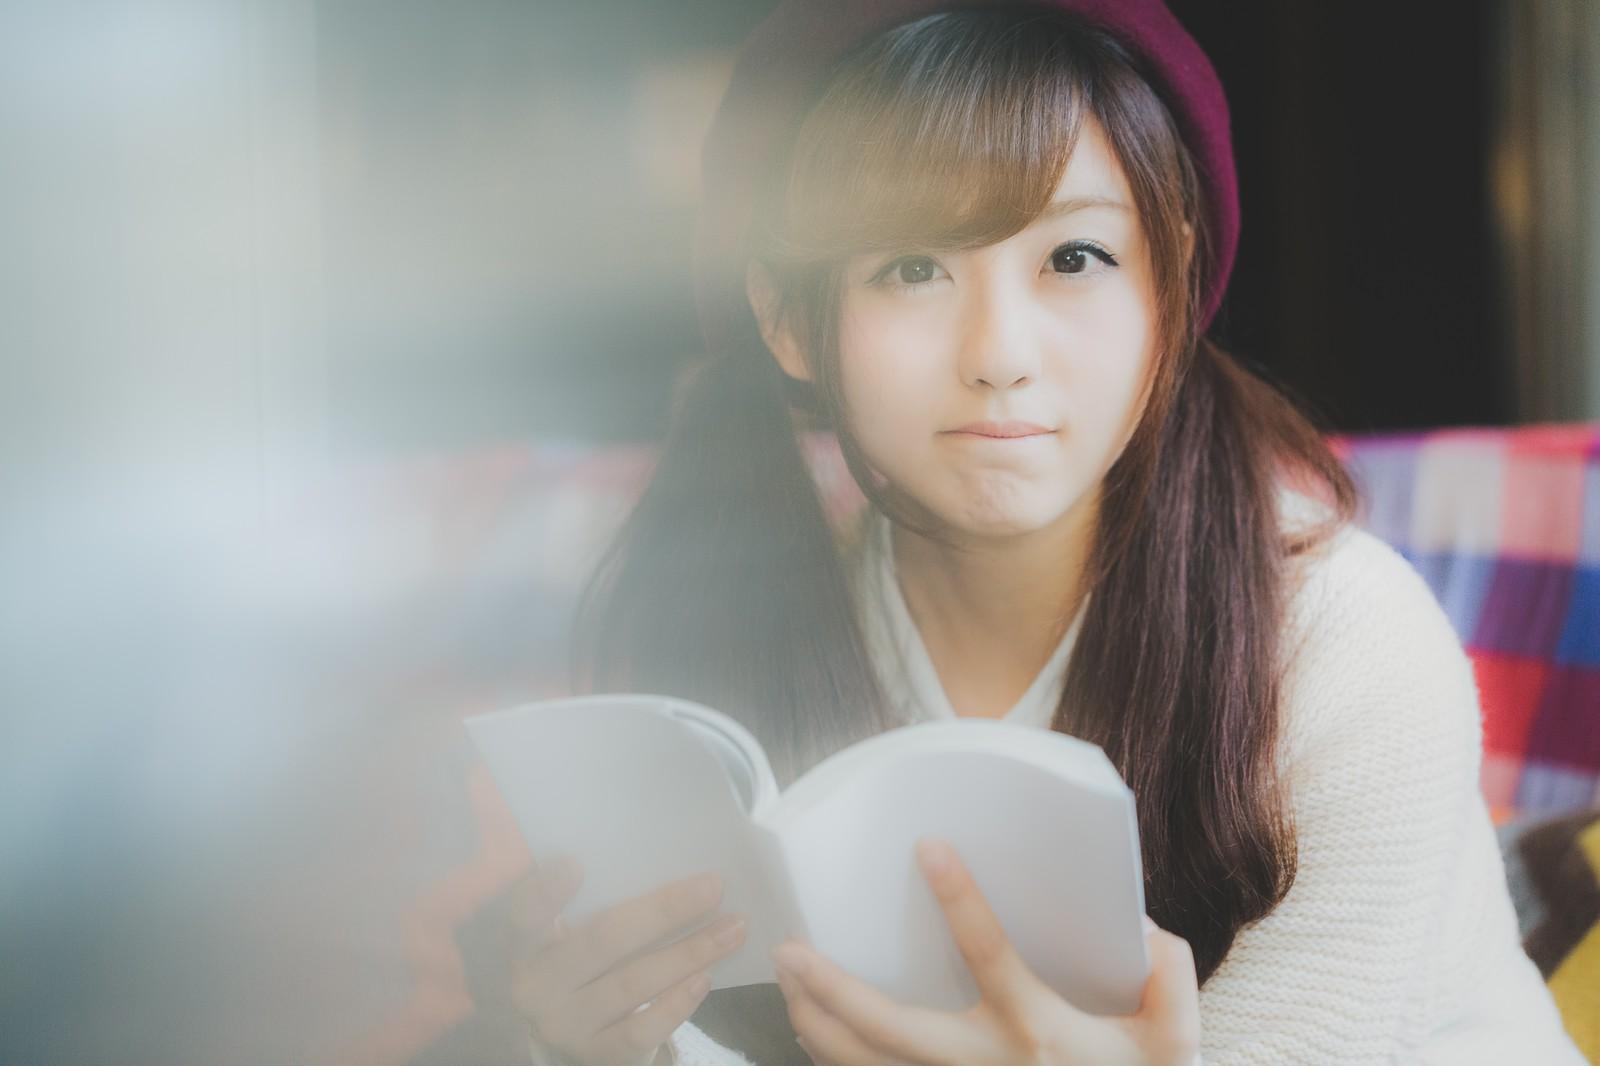 【書評】ブログを始める時にまずは読んでおきたい本をご紹介。